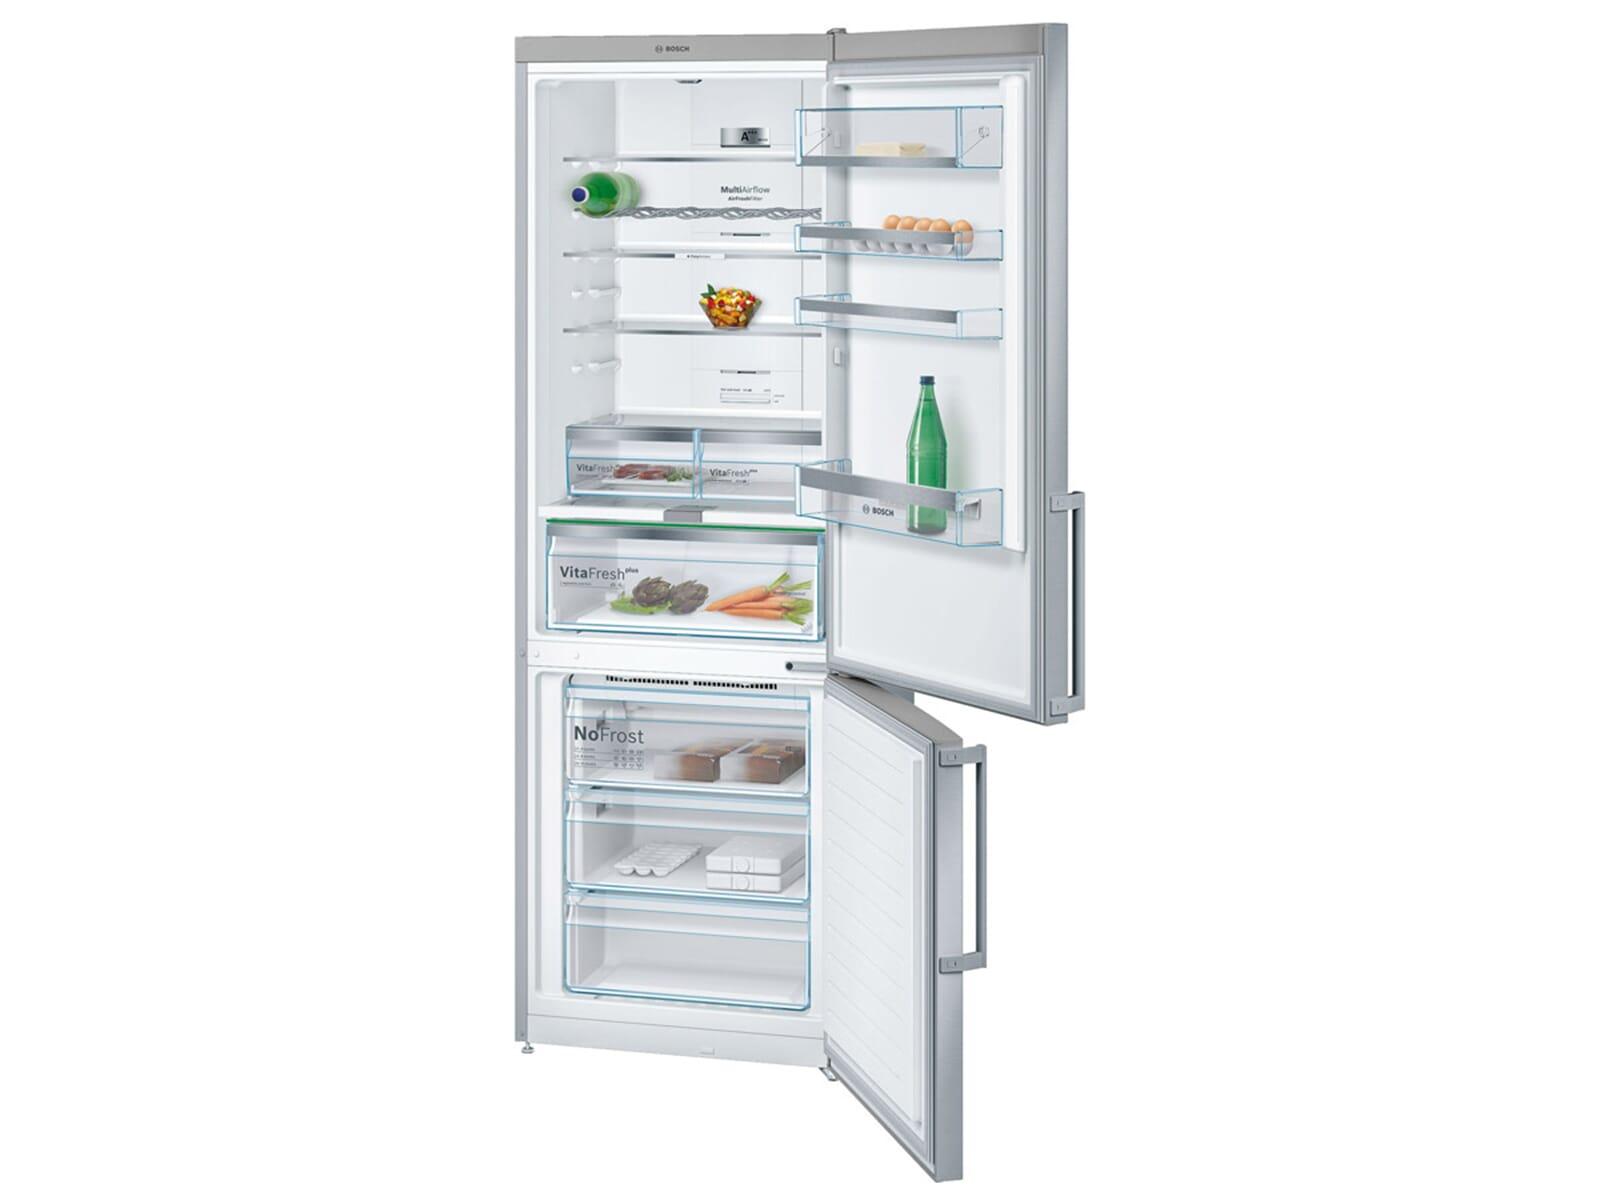 Bosch Kühlschrank Lautes Knacken : Gorenje kühlschrank komische geräusche gorenje kühlschrank macht